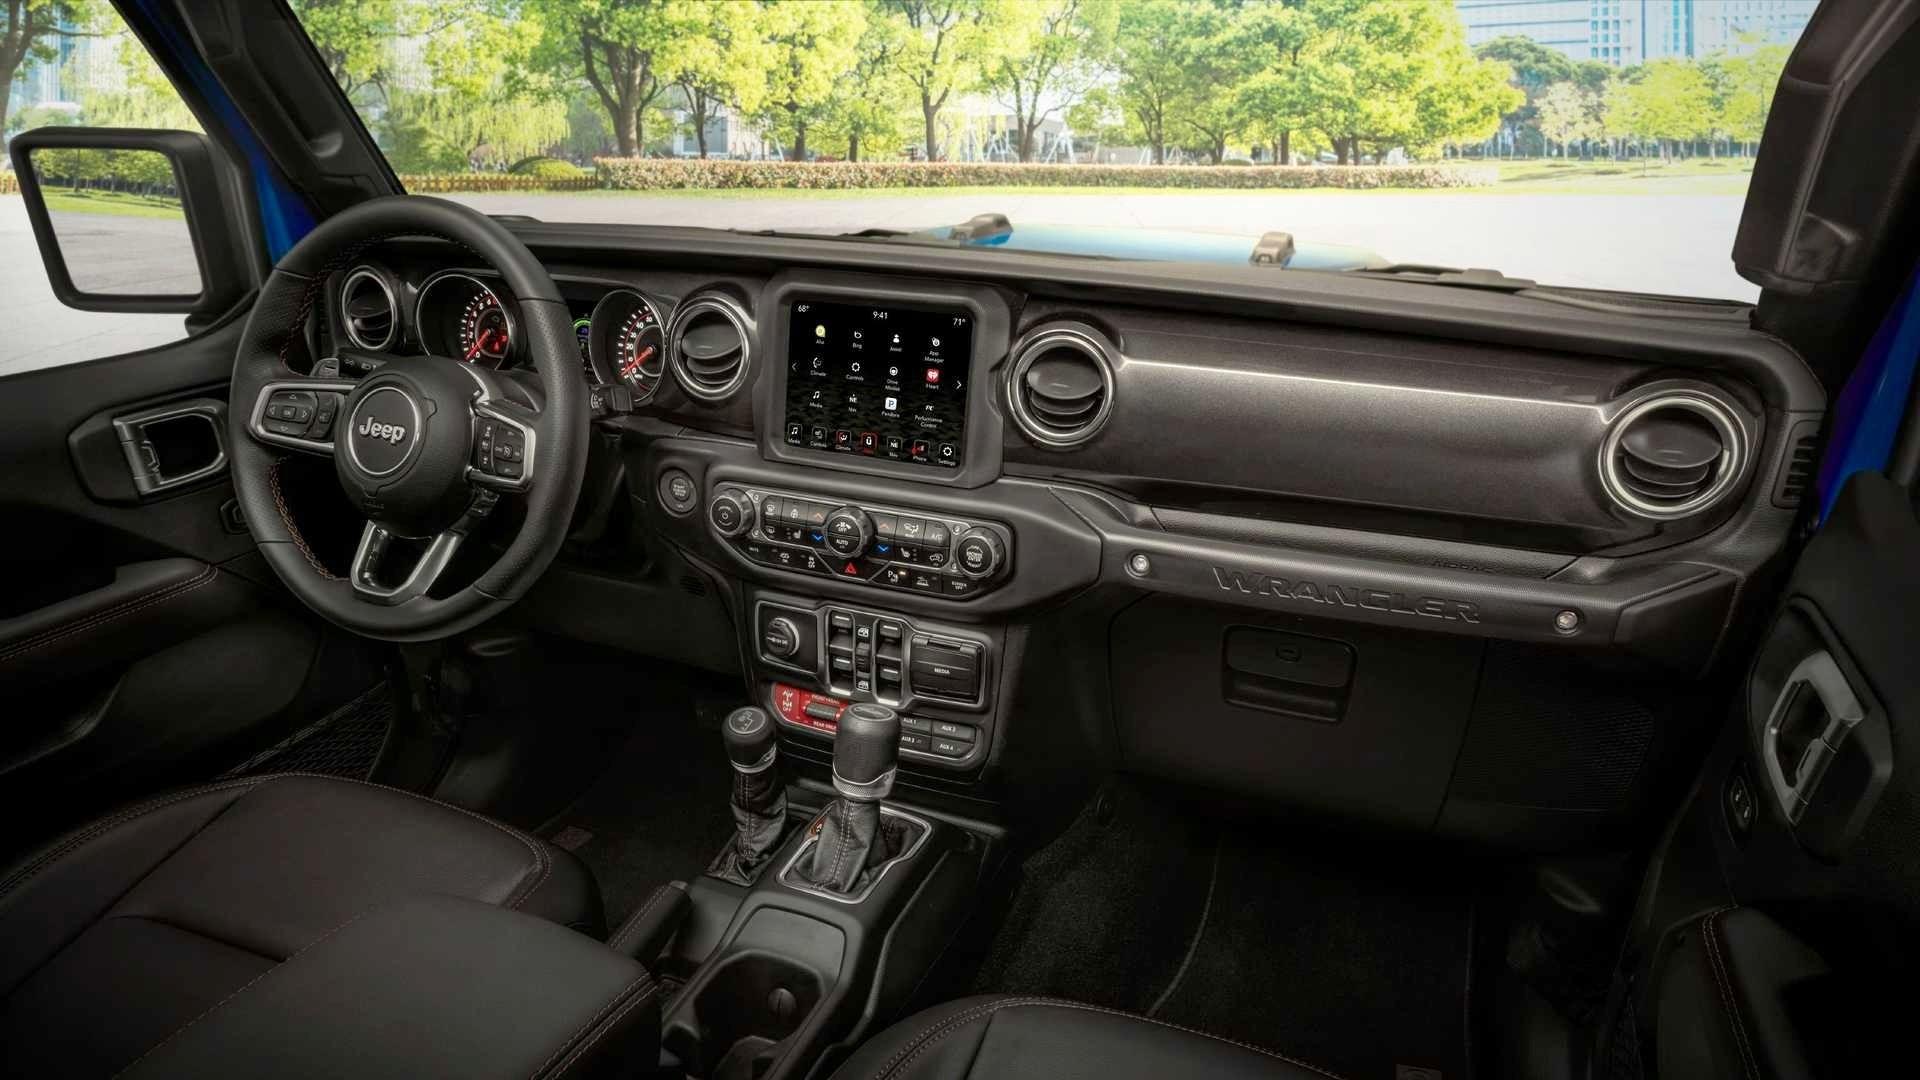 Серийный Jeep Wrangler Rubicon 392: олдскул с атмосферным V8 и усиленным «железом»